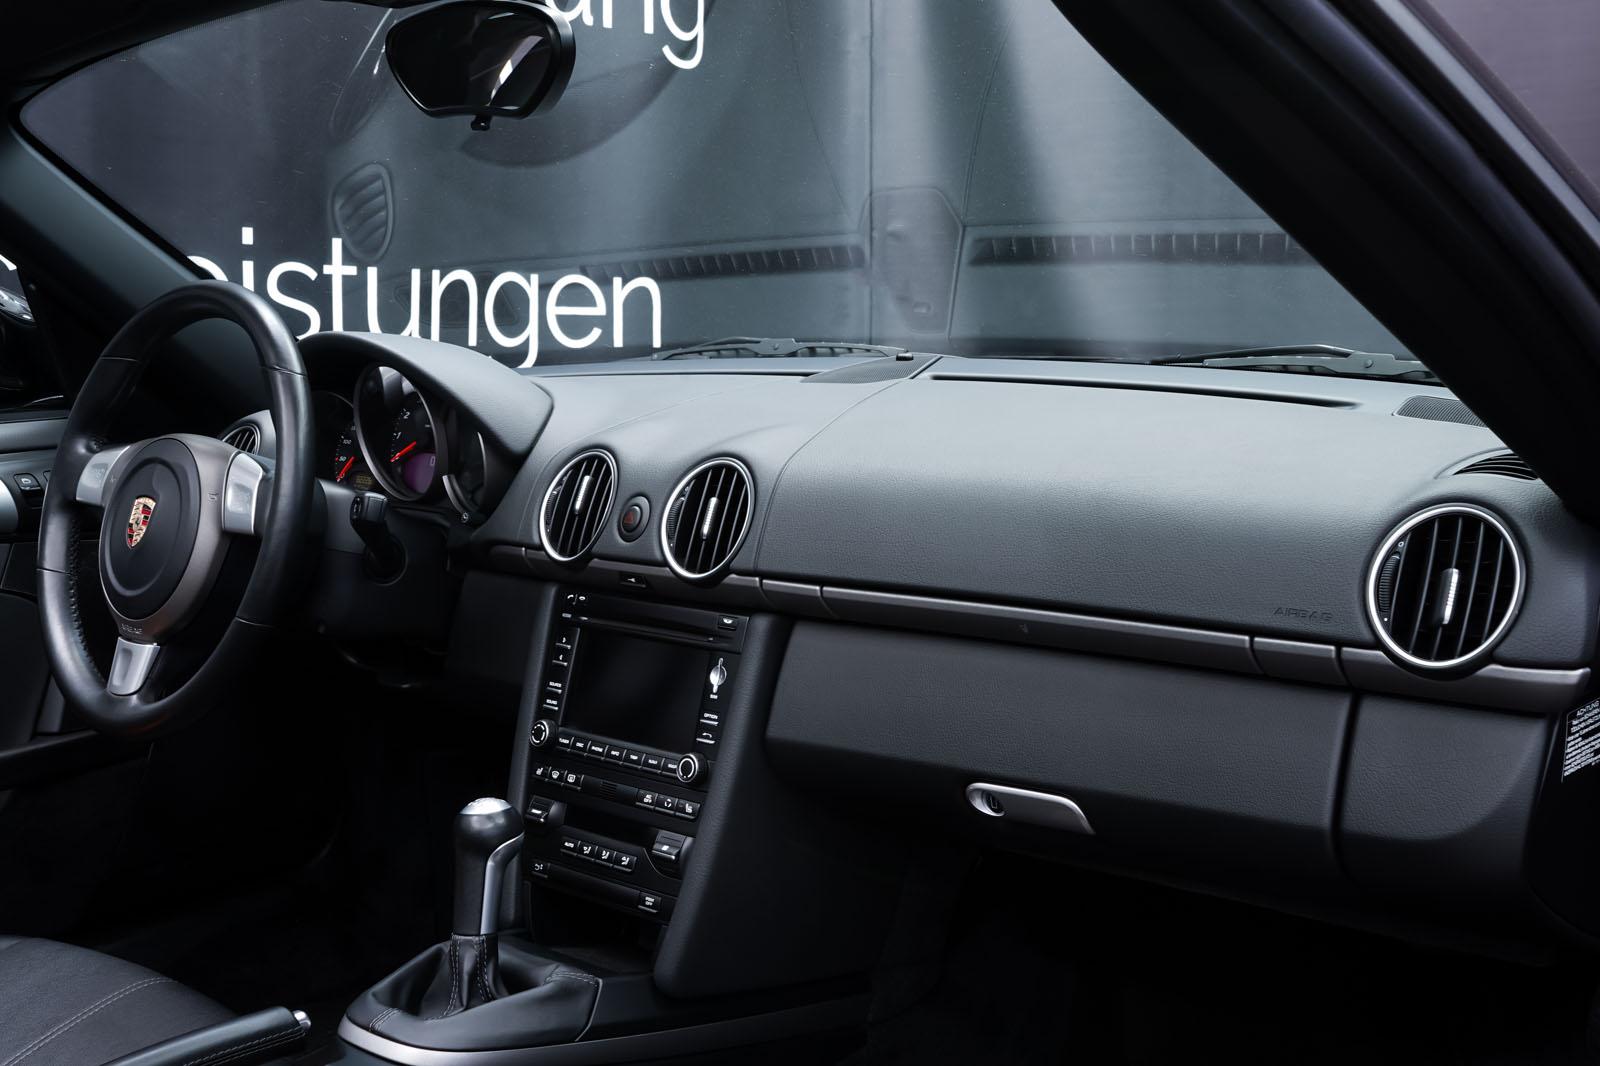 Porsche_Boxster_Schwarz_Schwarz_POR-0927_14_w